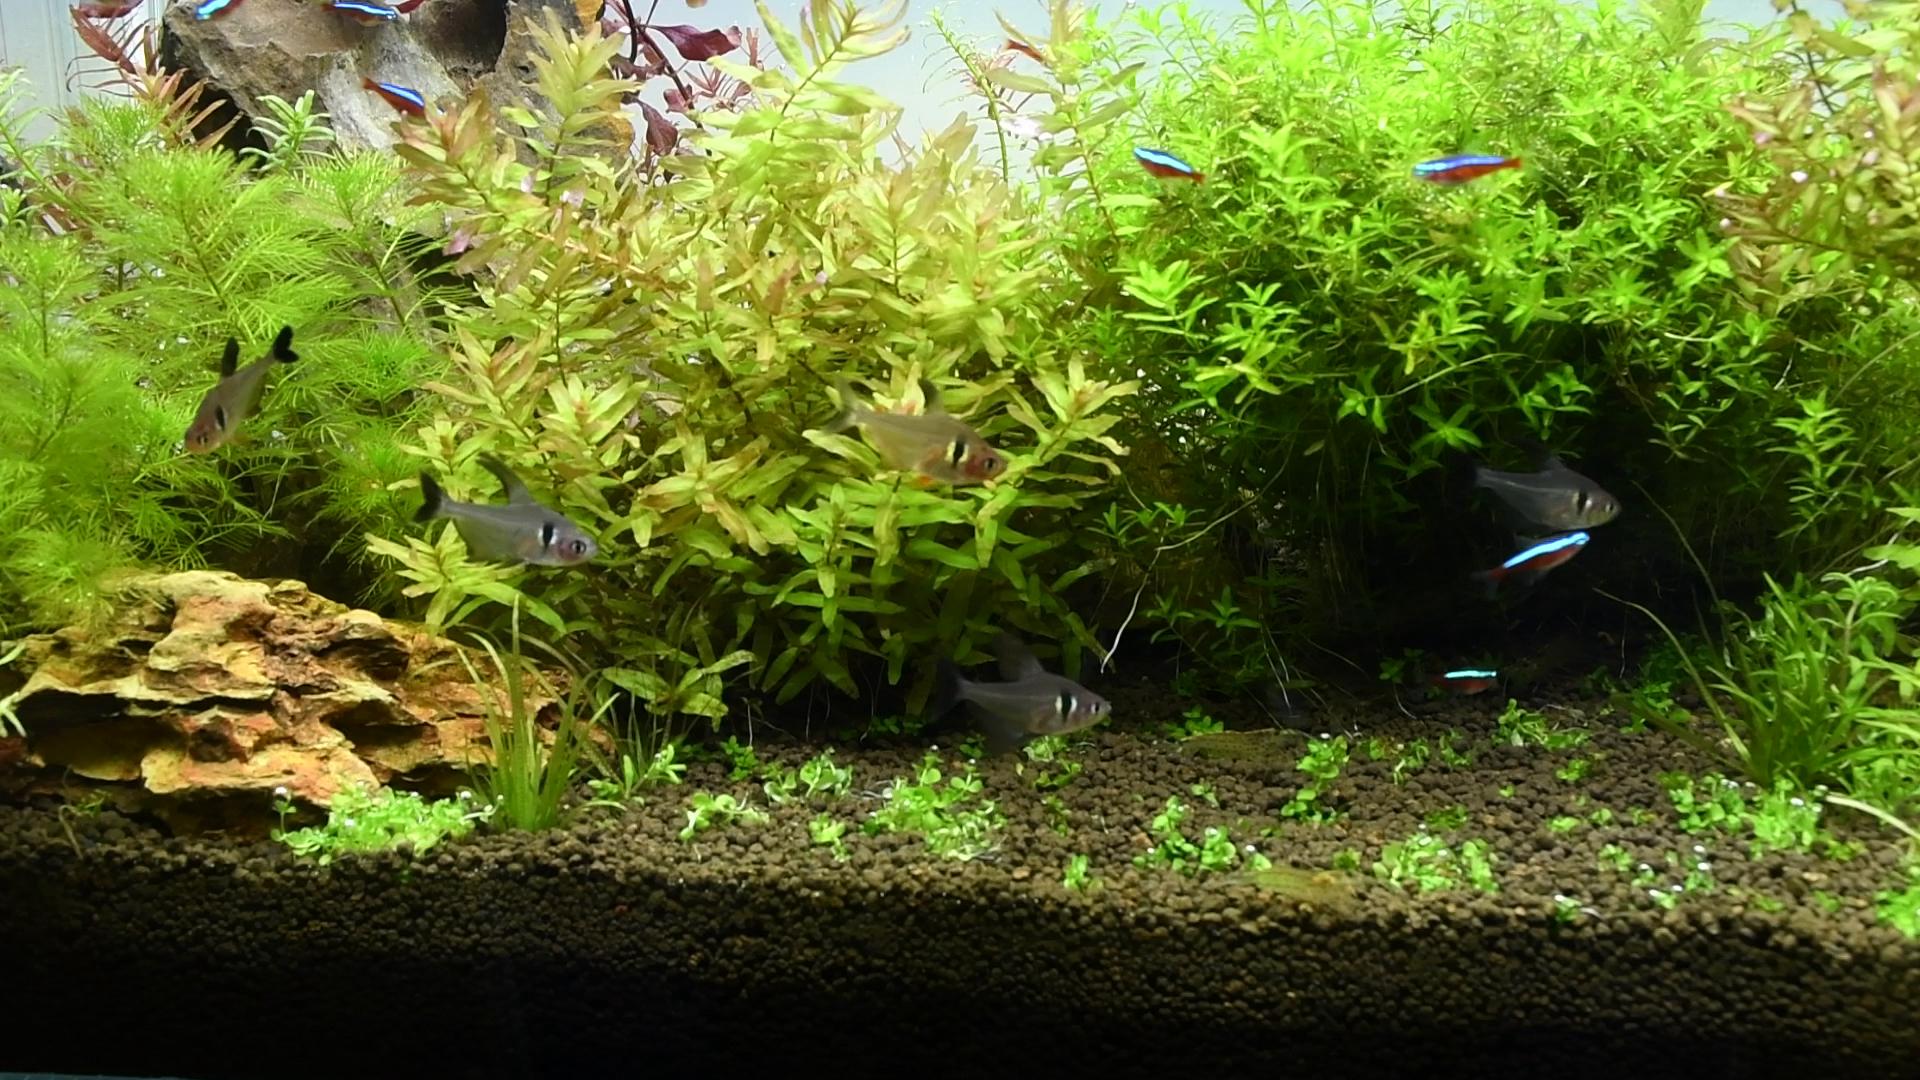 水草紹介:淡い色合いが美しい ロタラ マクランドラグリーン